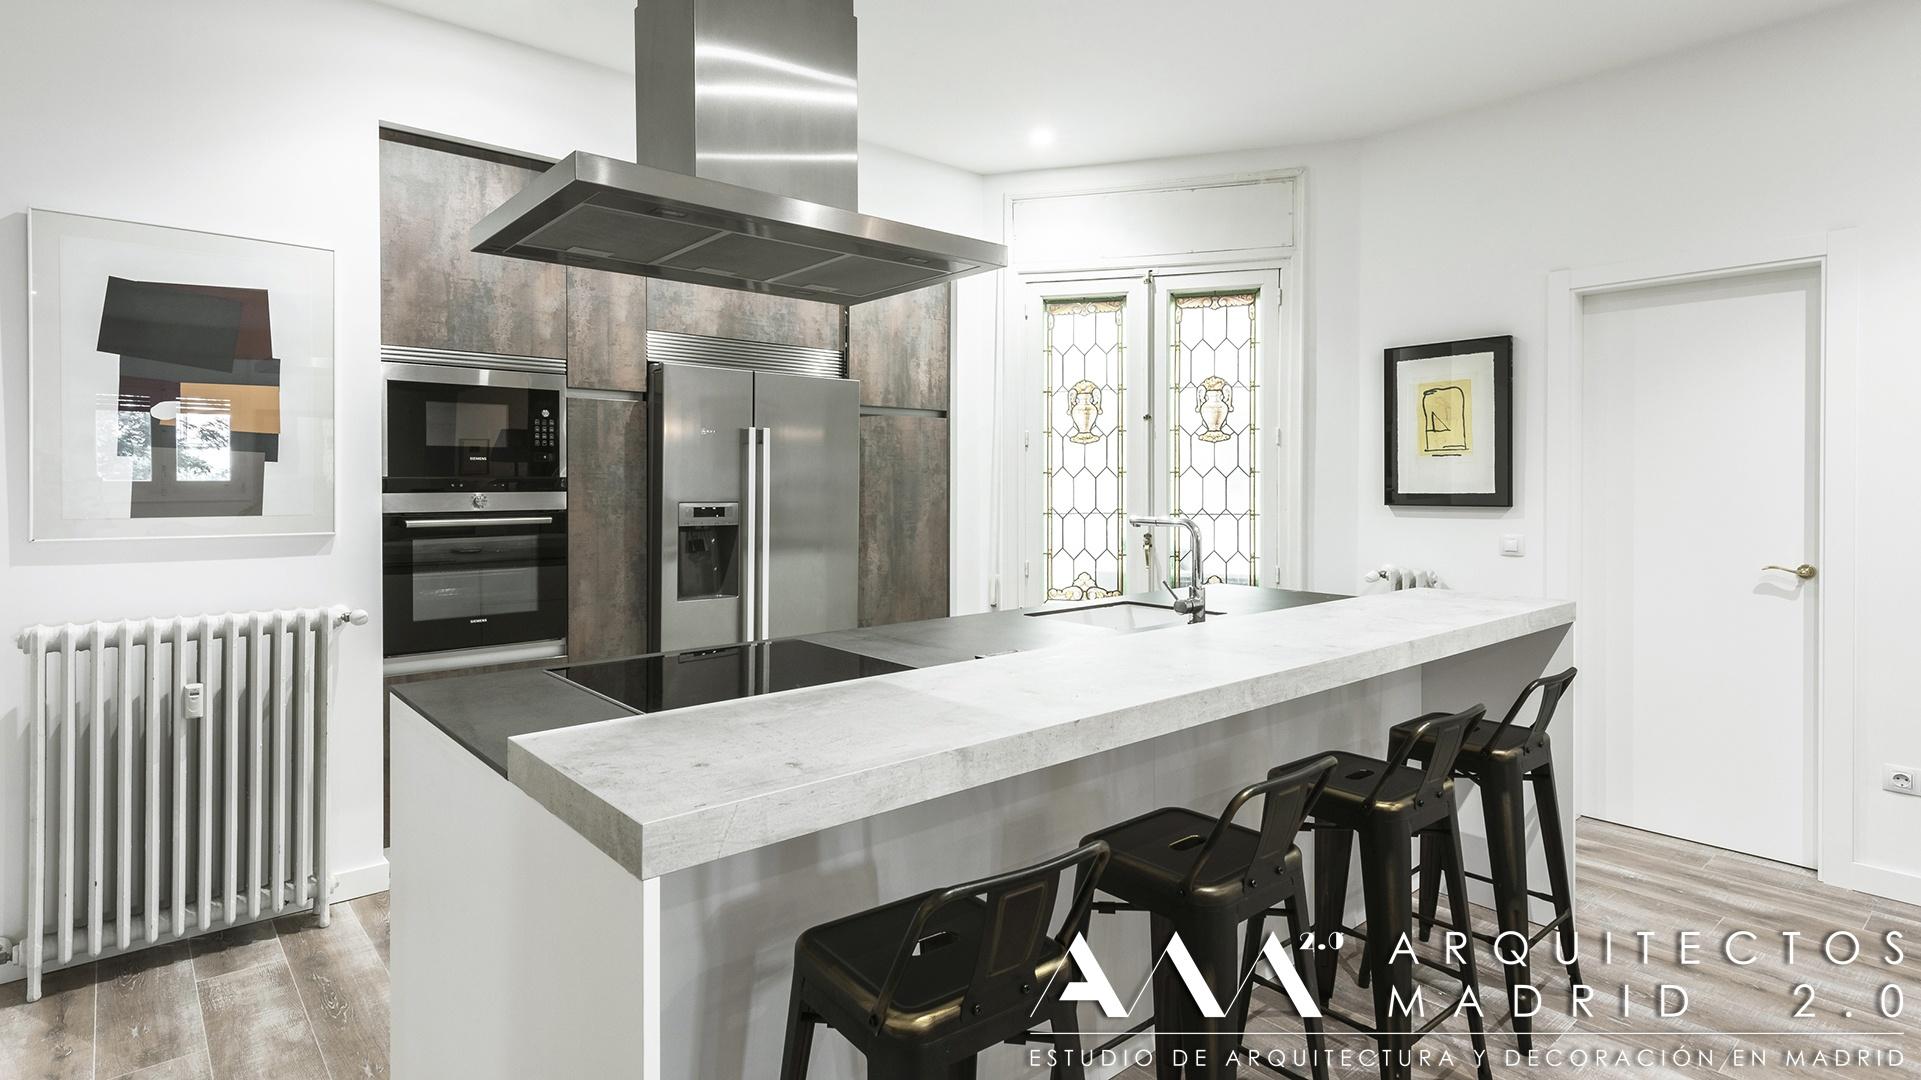 ideas-proyectos-reformas-casas-pisos-apartamentos-lofts-arquitectos-madrid-26